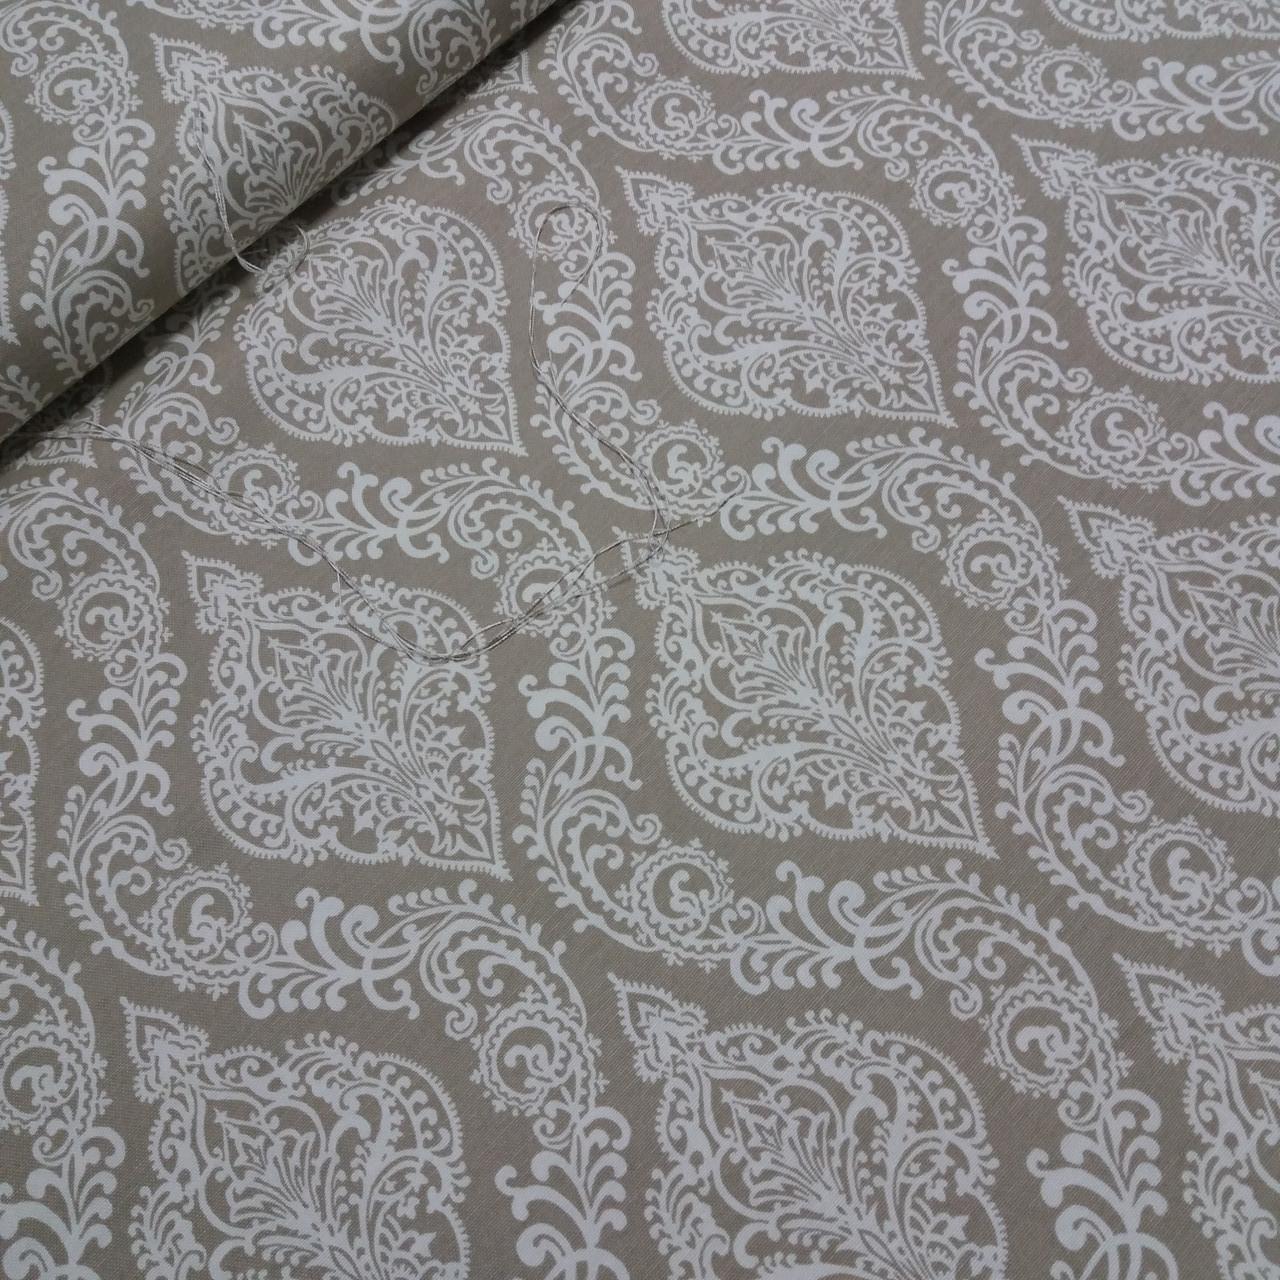 Купить ткань для скатерти с пропиткой интернет магазин ткань на шторы купить в барнауле